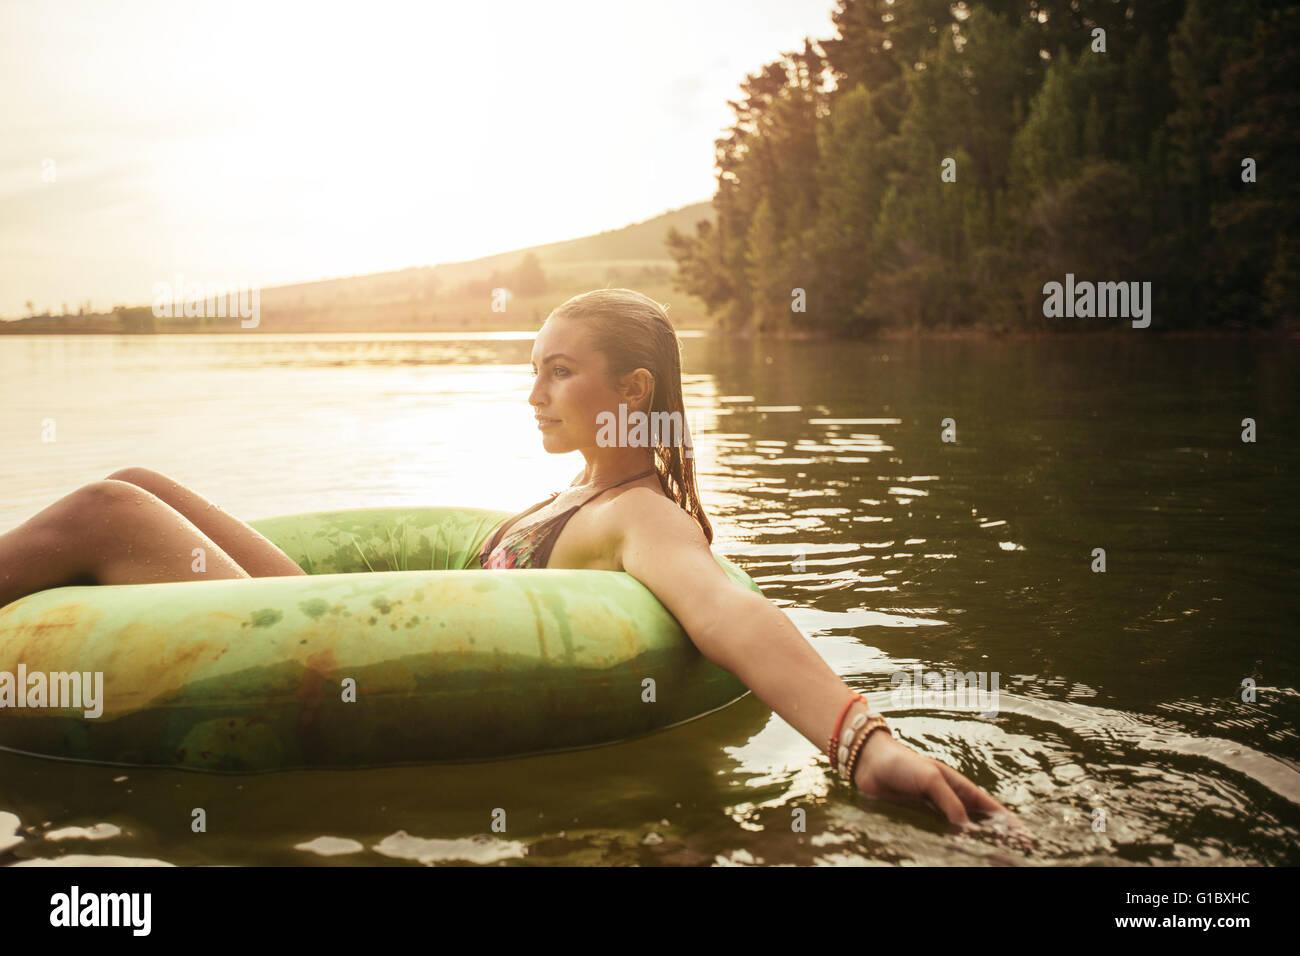 Seite Porträt der jungen Frau im See auf aufblasbaren Ring. Frau im Wasser an einem Sommertag. Stockbild